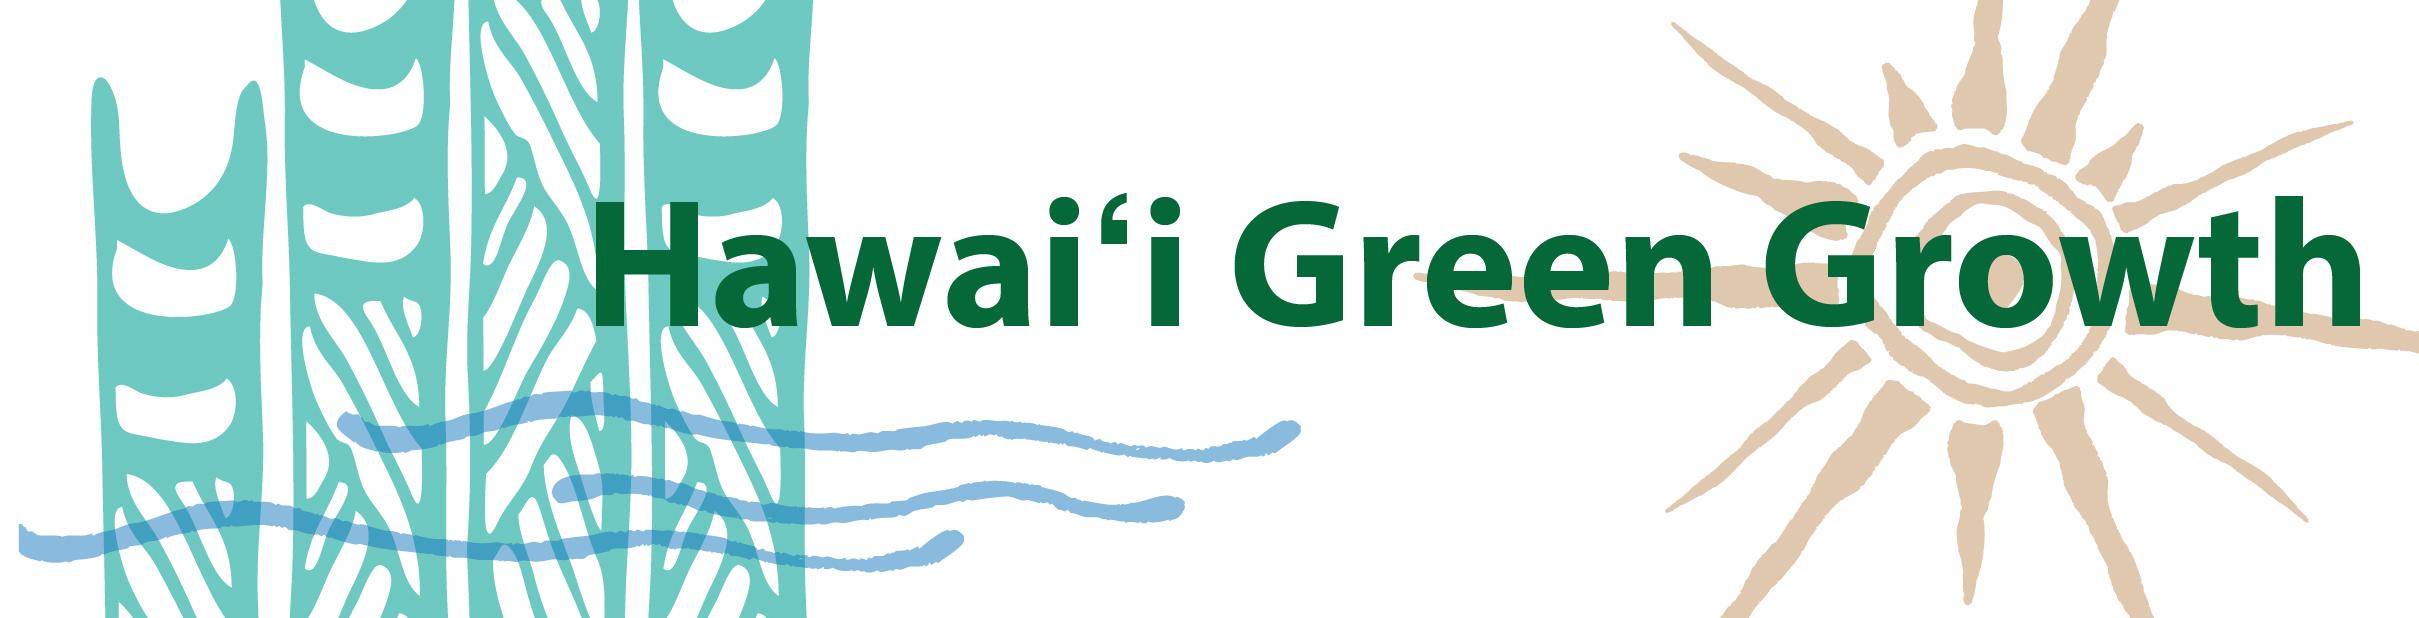 Hawaii Green Growth Logo